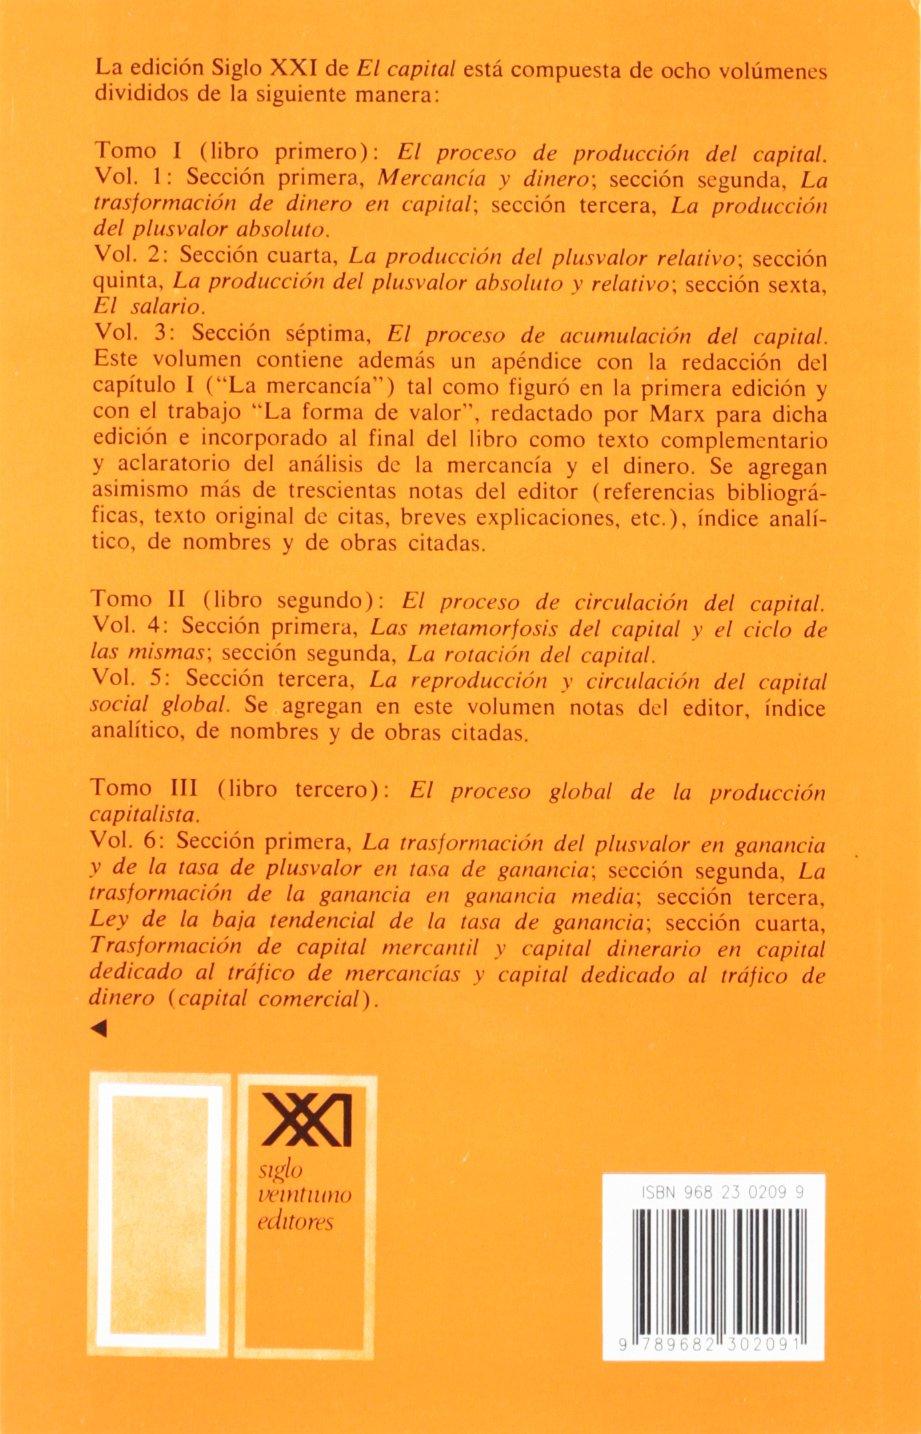 Amazon.in: Buy El capital. Libro primero, vol. 1: 0 Book Online at Low  Prices in India | El capital. Libro primero, vol. 1: 0 Reviews & Ratings